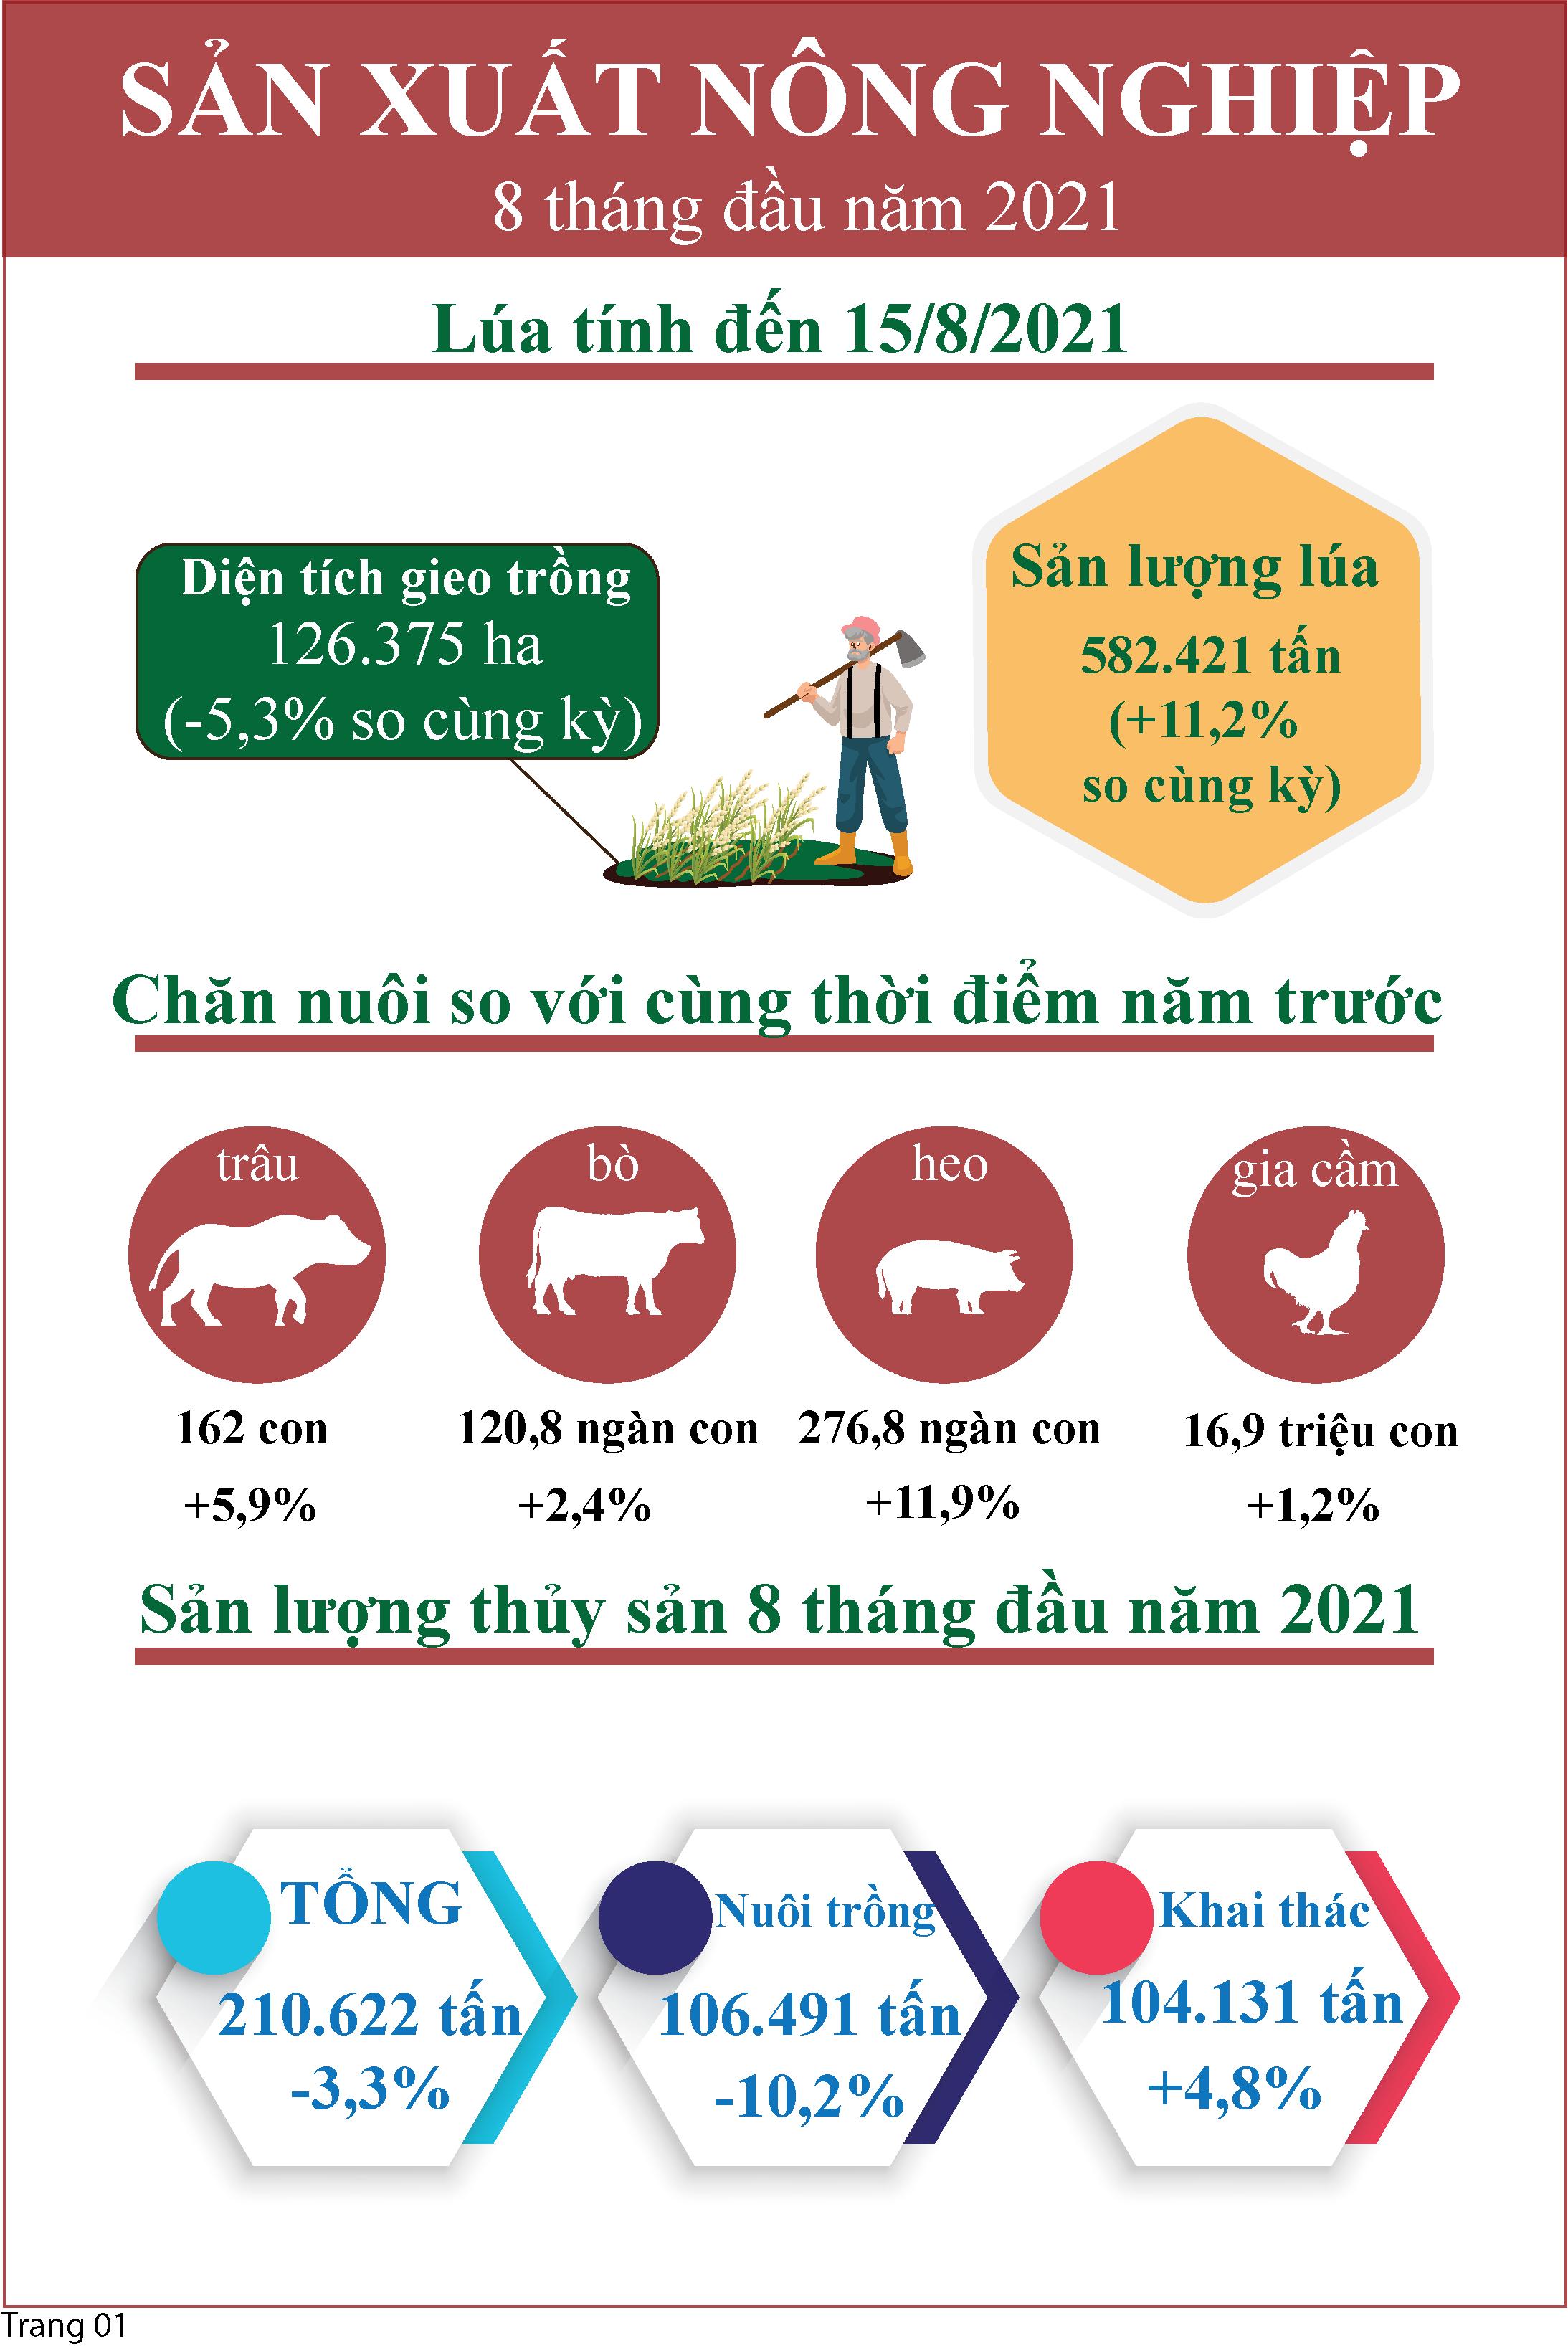 Infographic Tóm tắt tình hình kinh tế - xã hội tỉnh Tiền Giang tháng 8 năm 2021